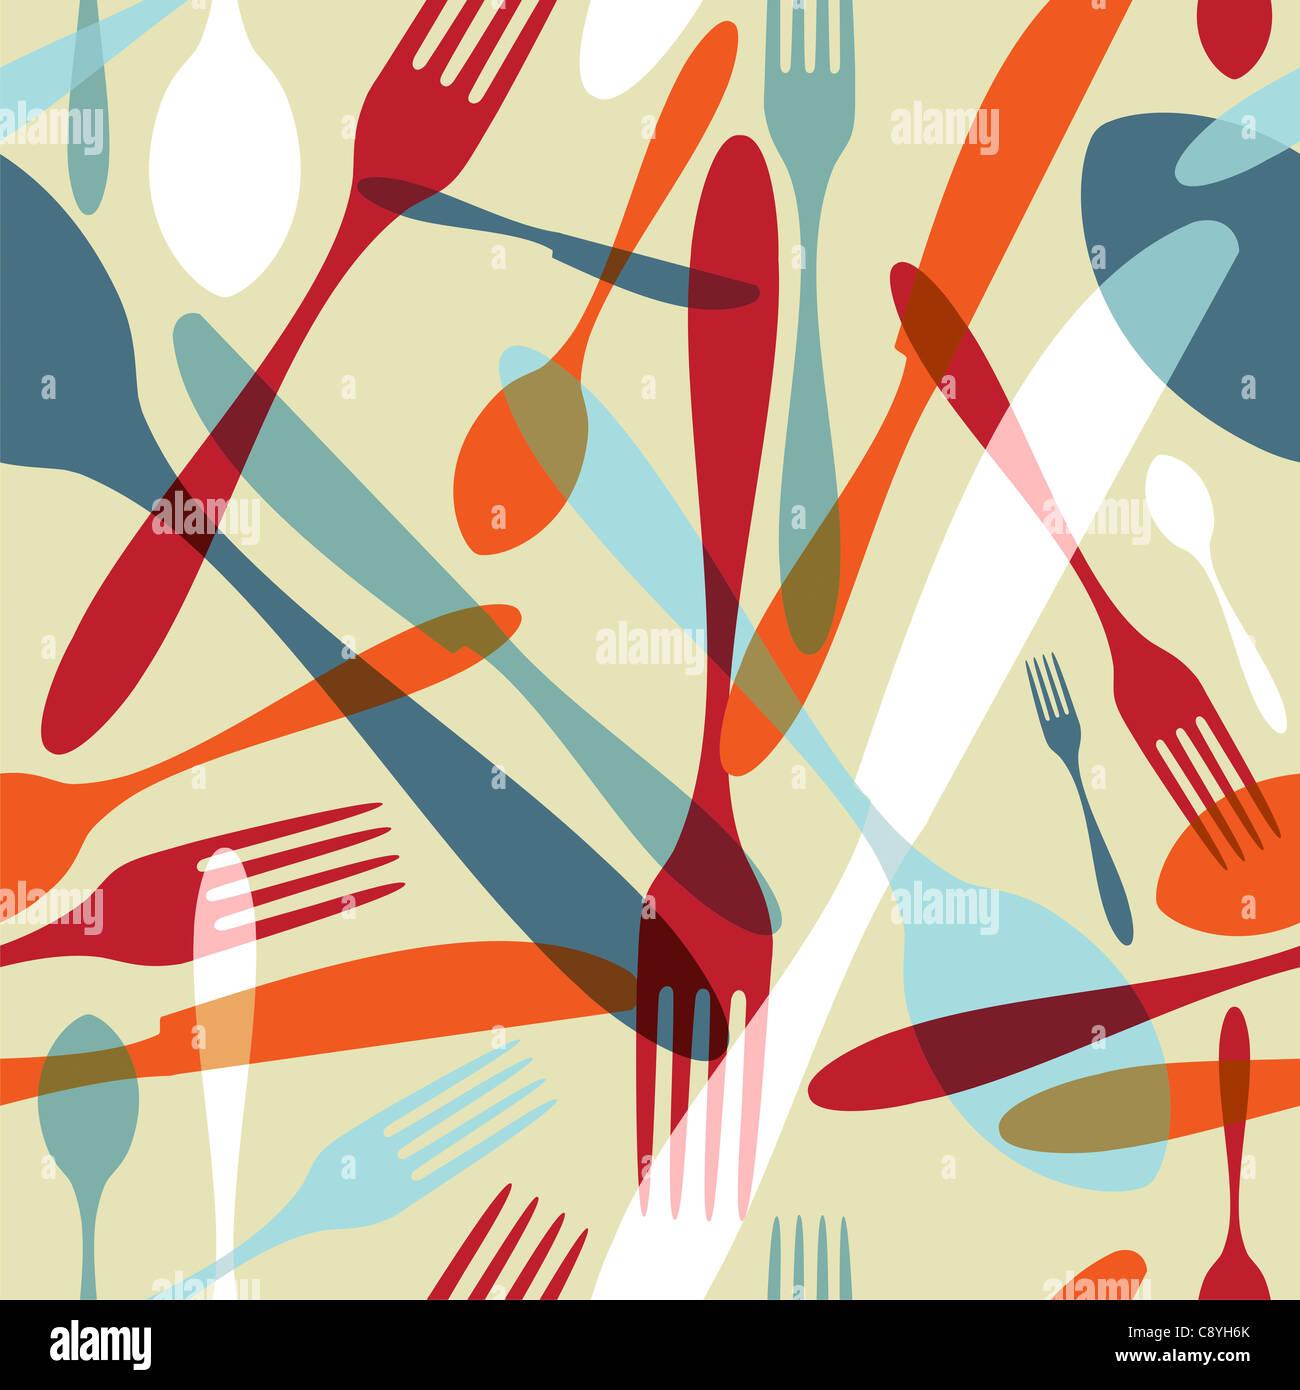 Transparenz Besteck Symbole Musterdesign Hintergrund. Gabel, Messer und Löffel Silhouetten auf verschiedene Größen Stockfoto